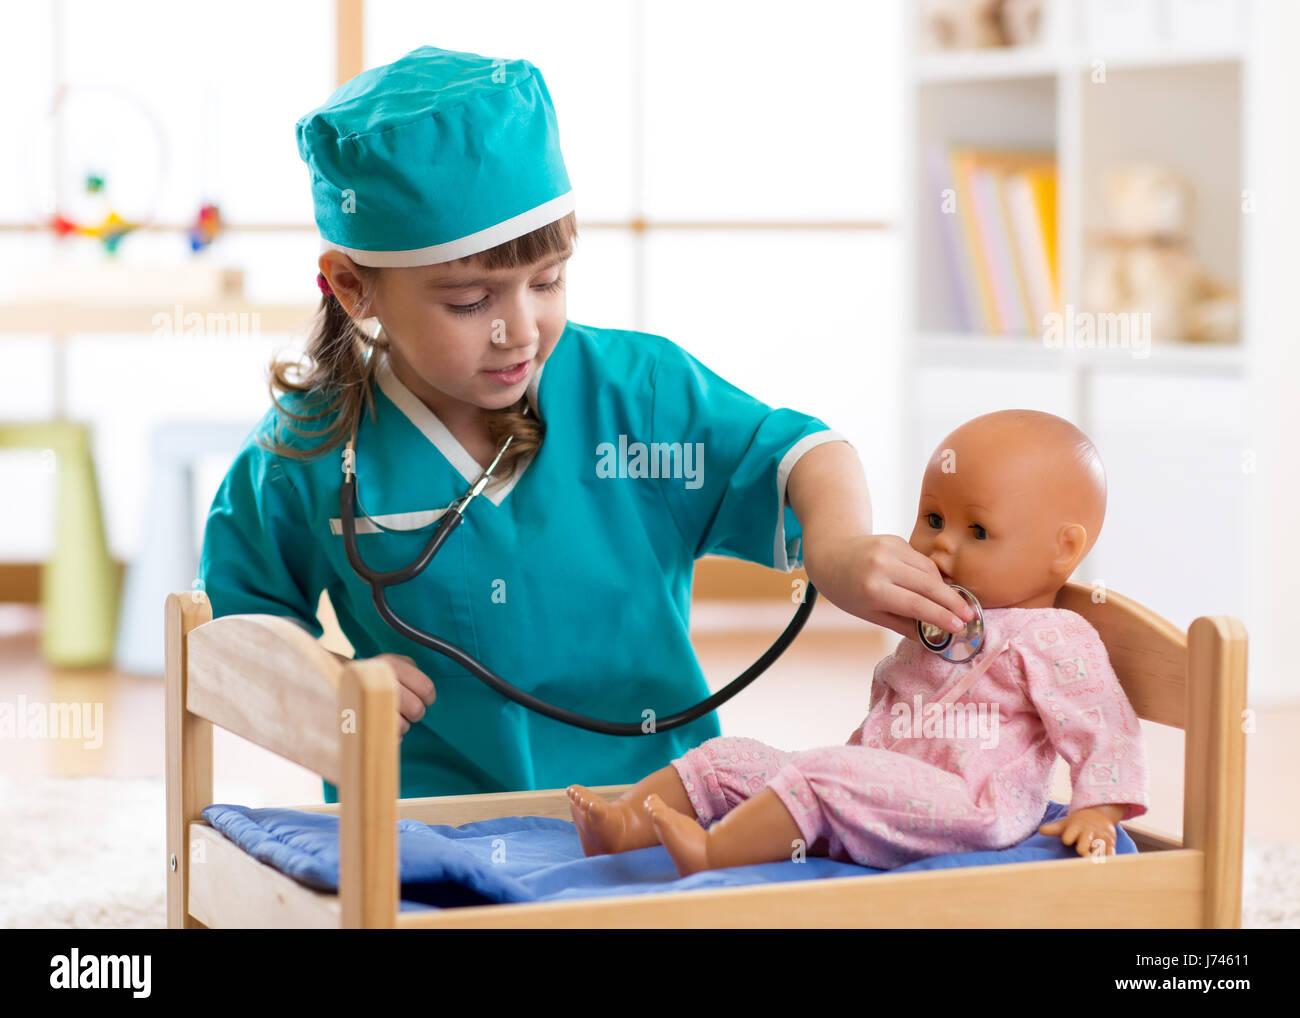 Kind Mädchen mit Puppe im Krankenhaus spielt Stockfoto